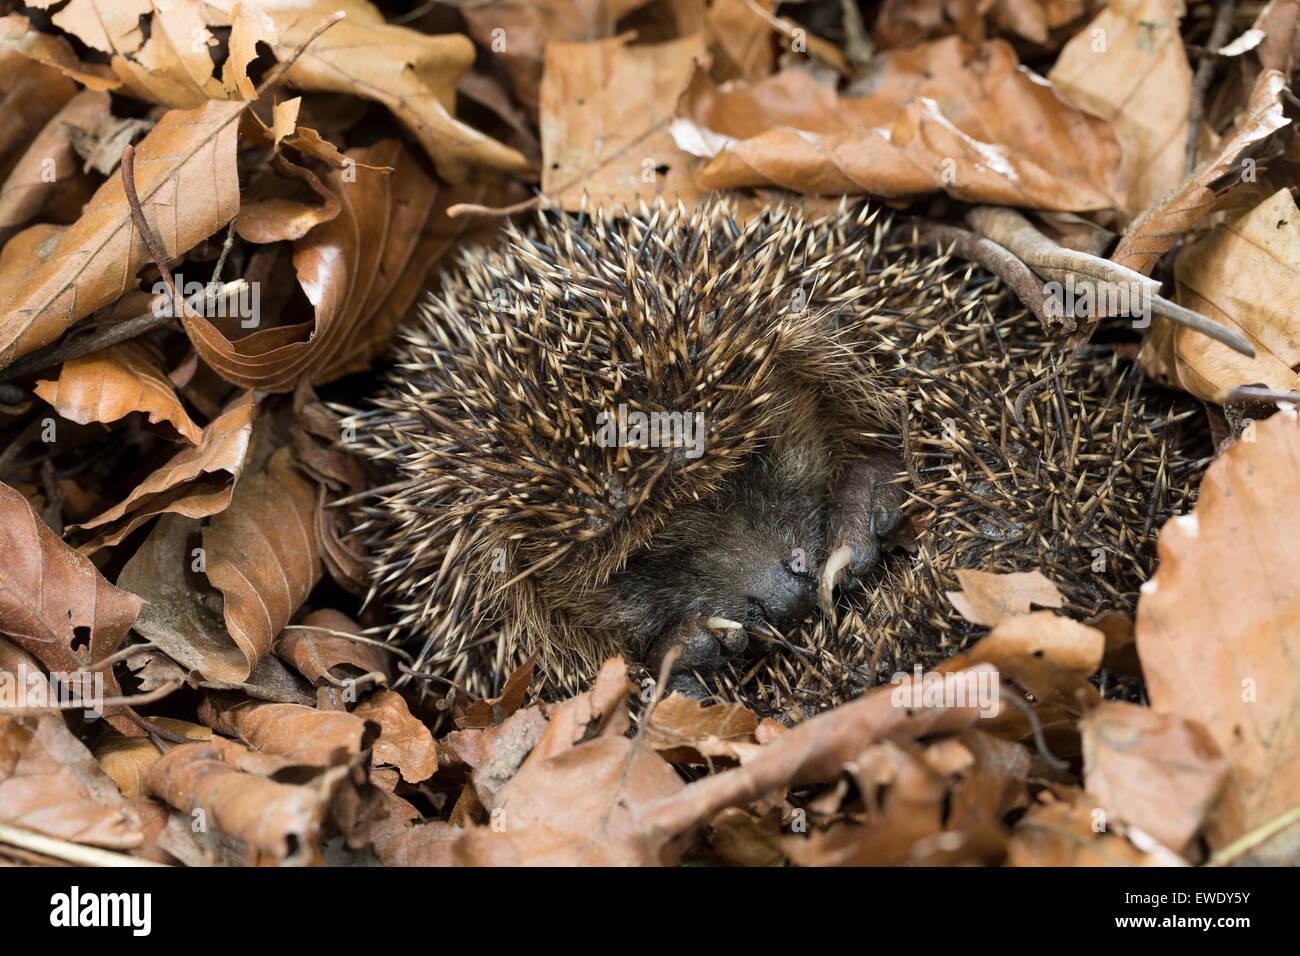 hérisson européen, l'hibernation, la survie en hiver, europäischer